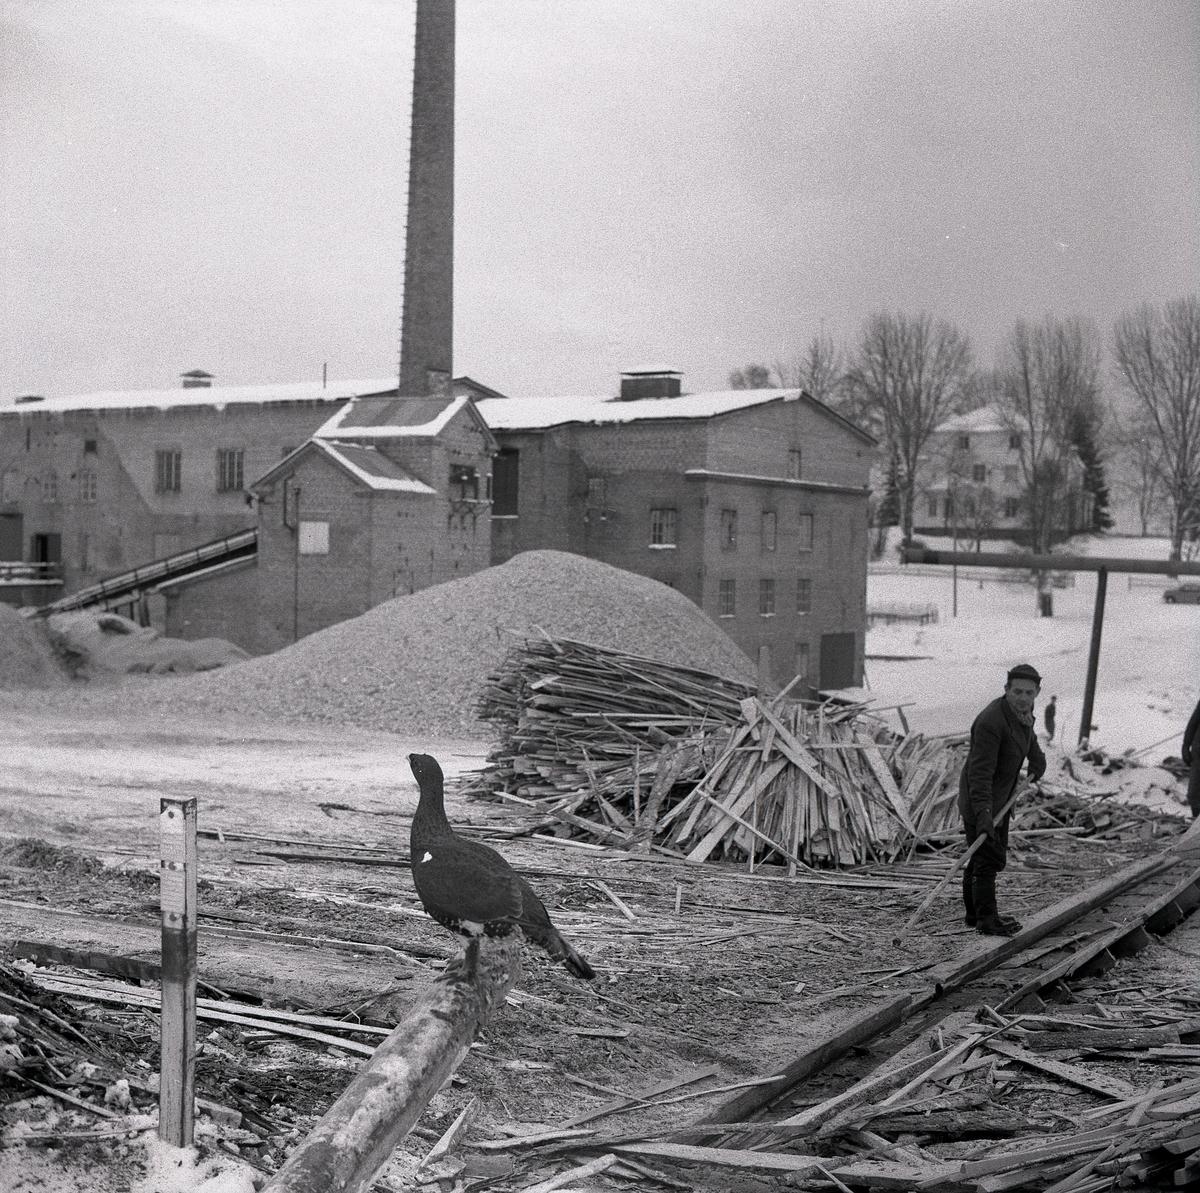 """Utanför en fabrik som tillverkar masonit i Midnäs sitter en tjäder """"toktjädern"""" kallad på en avbarkad stock. Runt om fågeln ligger småflis utspridd och brädhögar uppstaplade. En man bakom tjädern sträcker en lång pinne mot fågeln. Bakgrunden fylls till stor del av fabriksbyggnaden, spånhögar och en lång skorsten som sträcker sig ur bilden."""